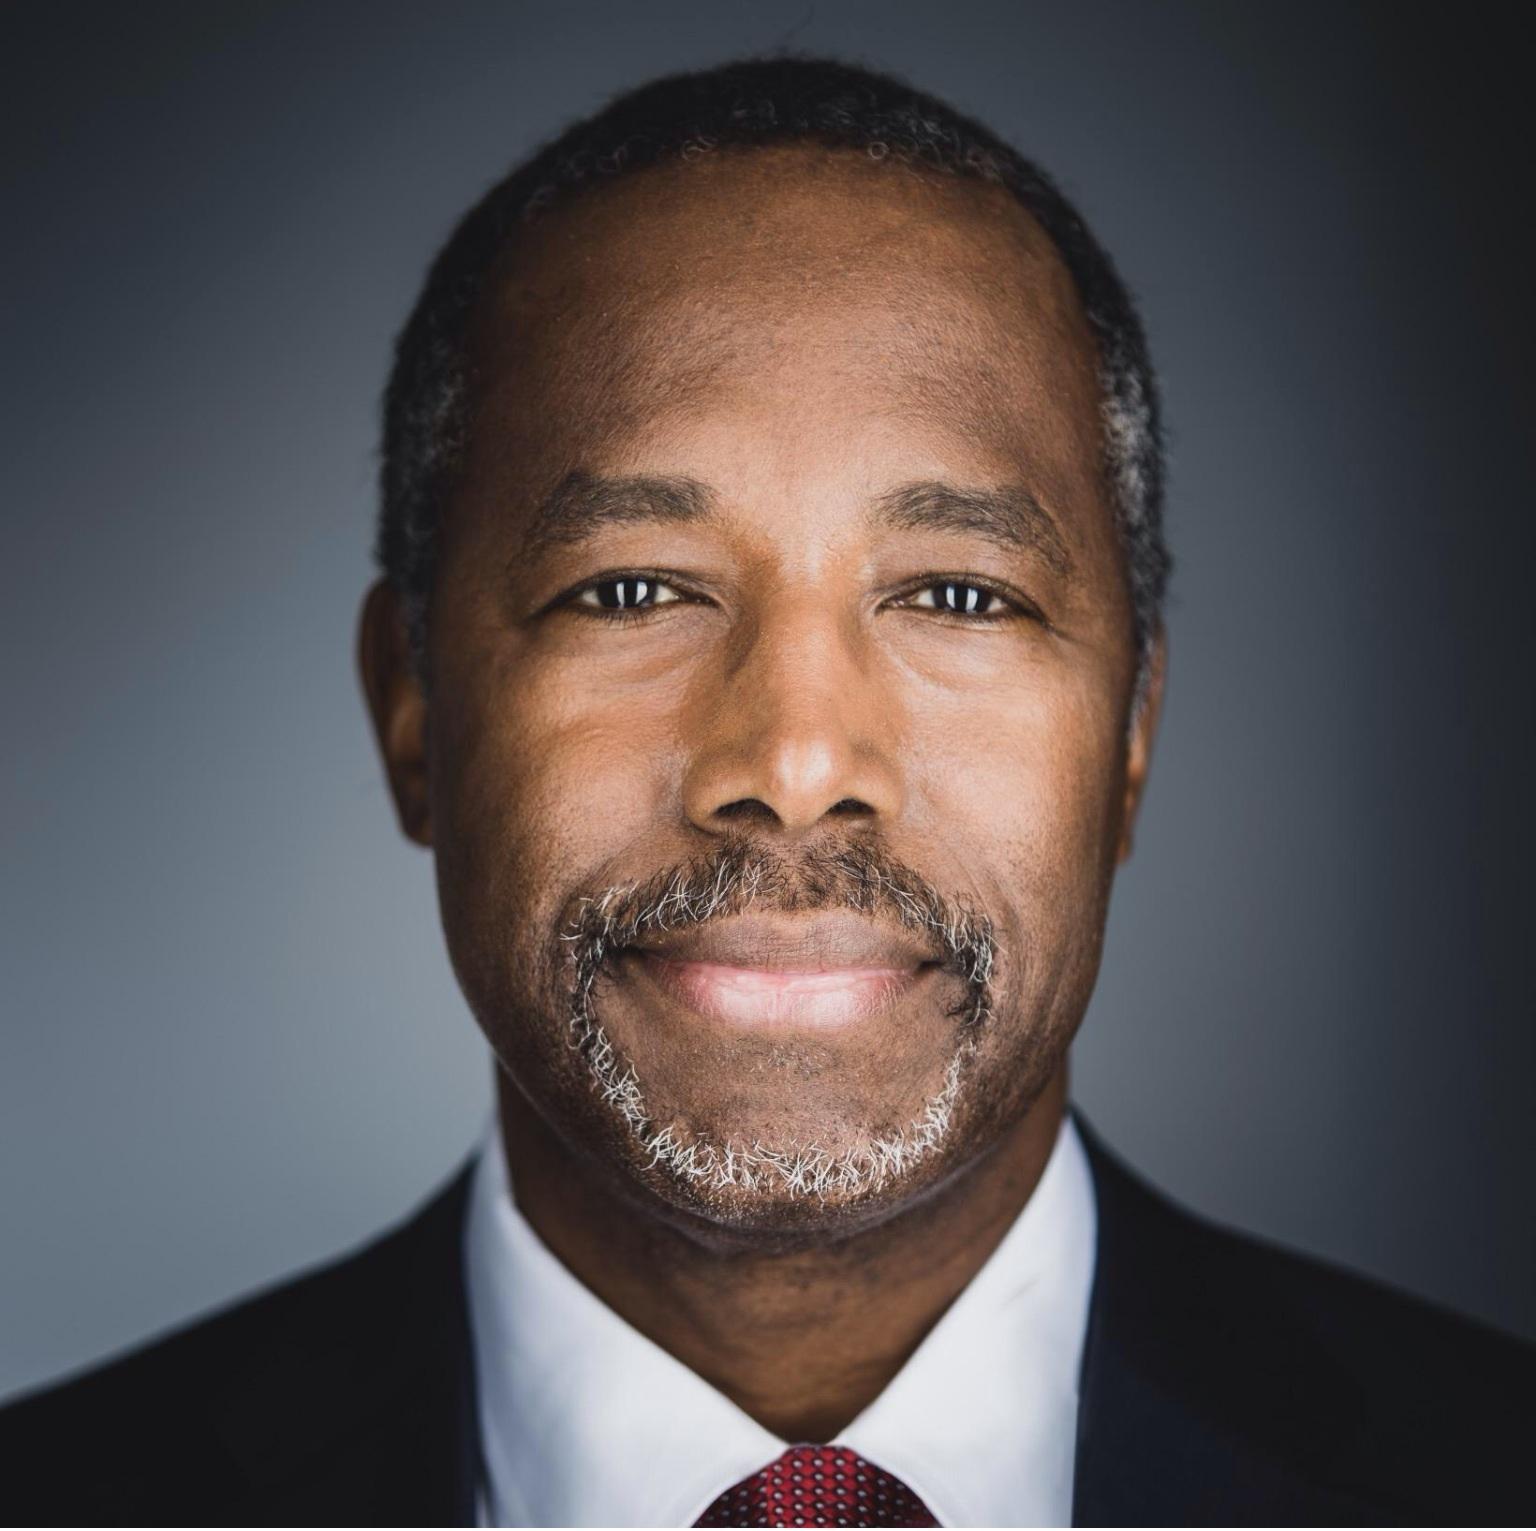 Ben Carson announces plans to run for Mayor of Baltimore